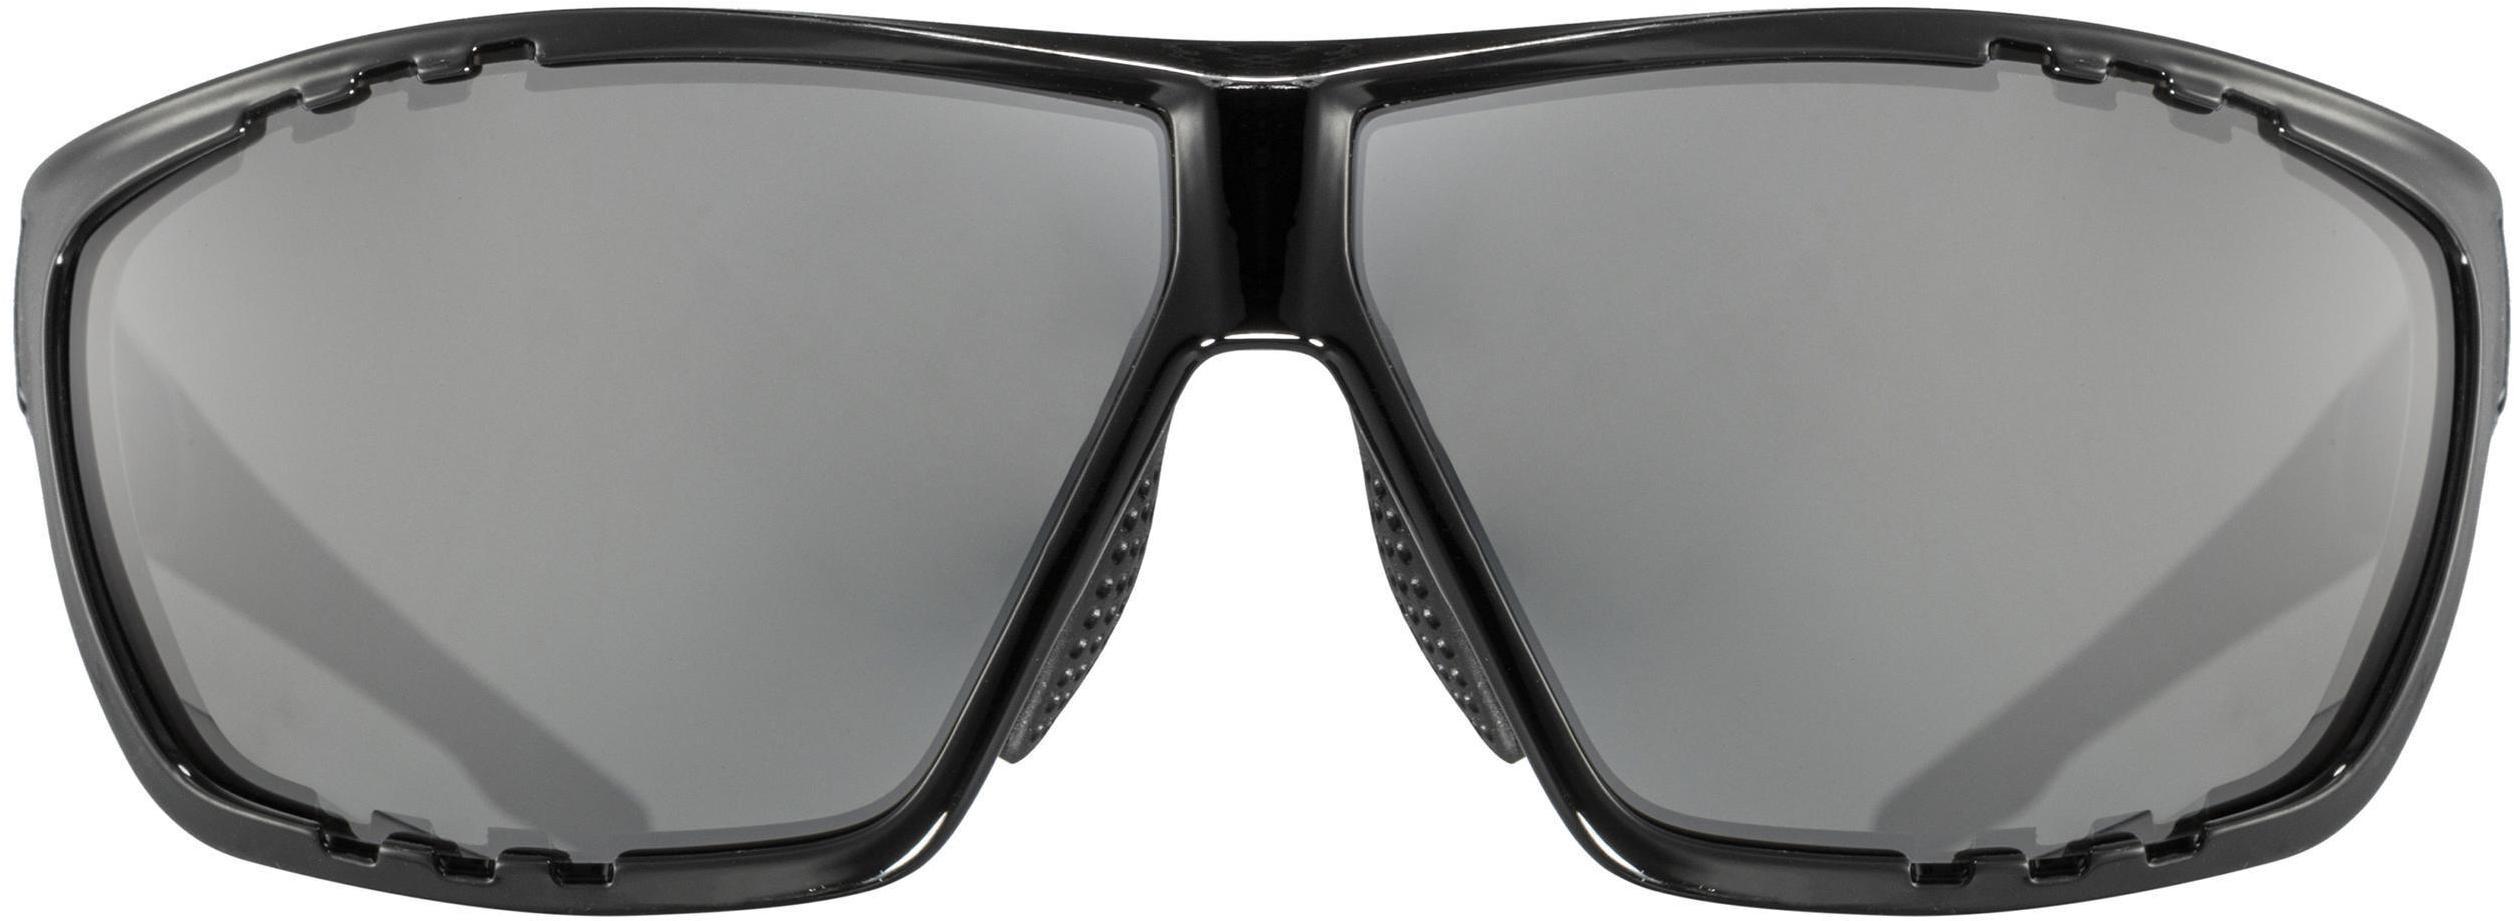 UVEX Sportstyle 706 - Lunettes cyclisme - noir sur CAMPZ ! 69645da4e85d